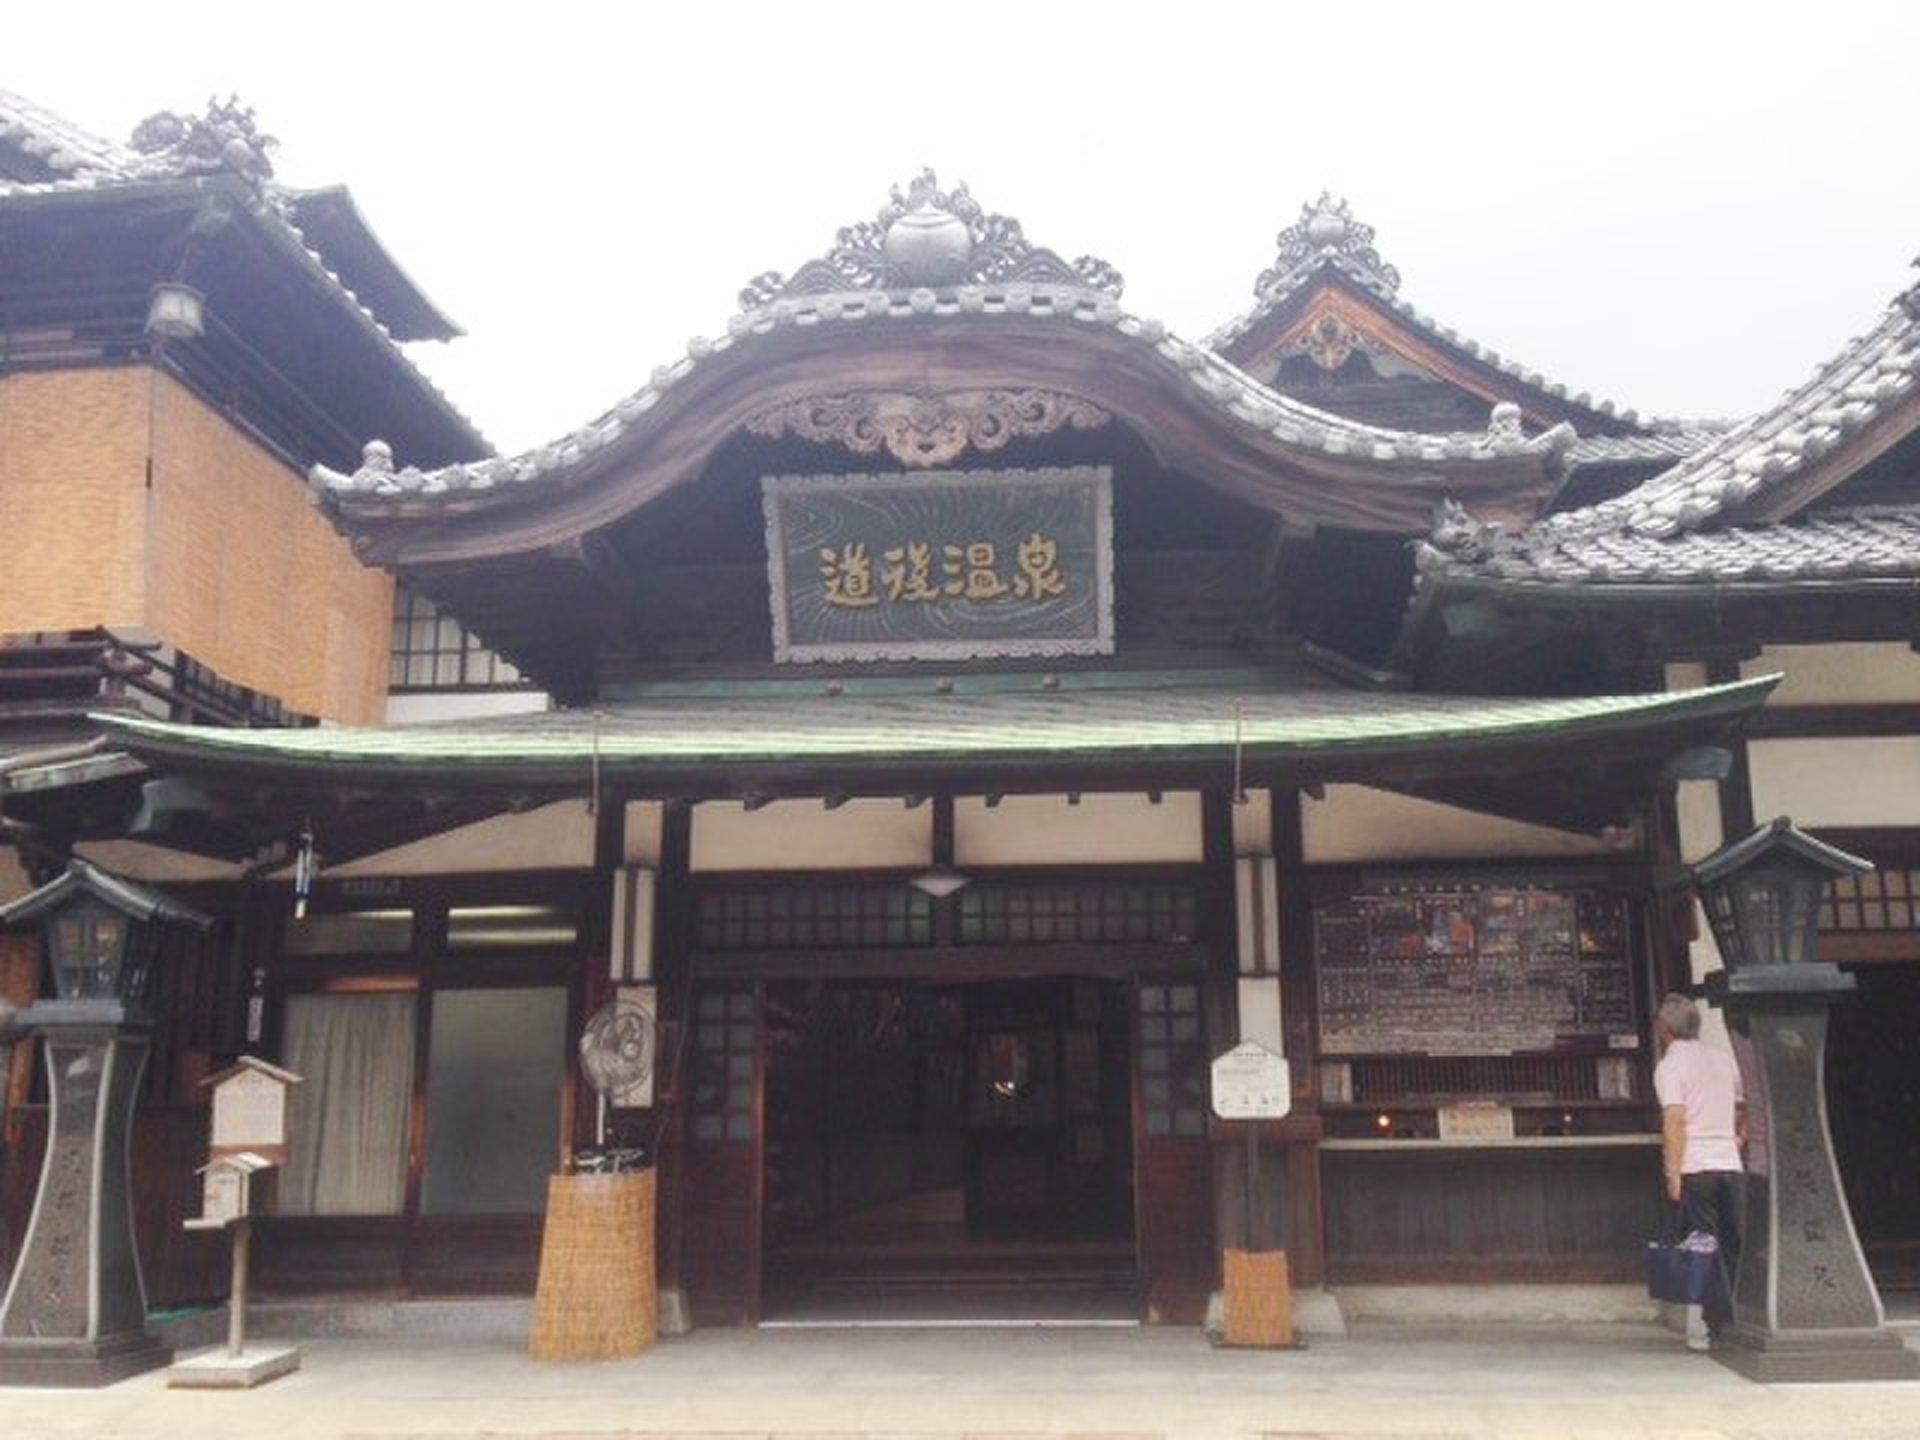 松山観光しながらご利益をいただこう♪道後温泉周辺のおすすめパワースポットをご紹介!